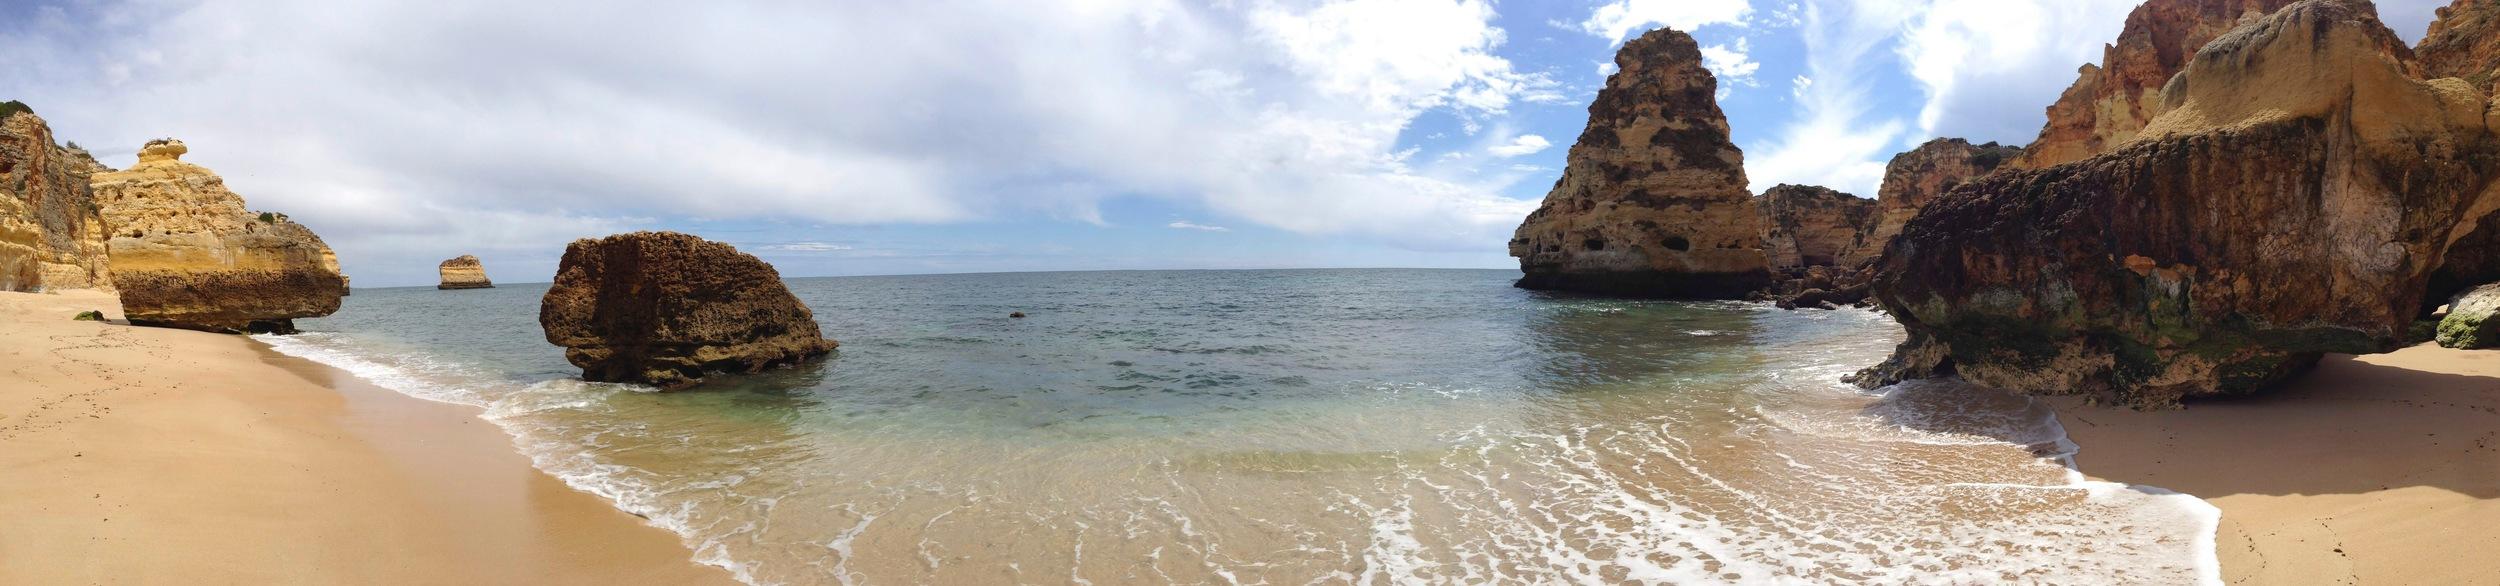 Praia de marinha 12.jpg